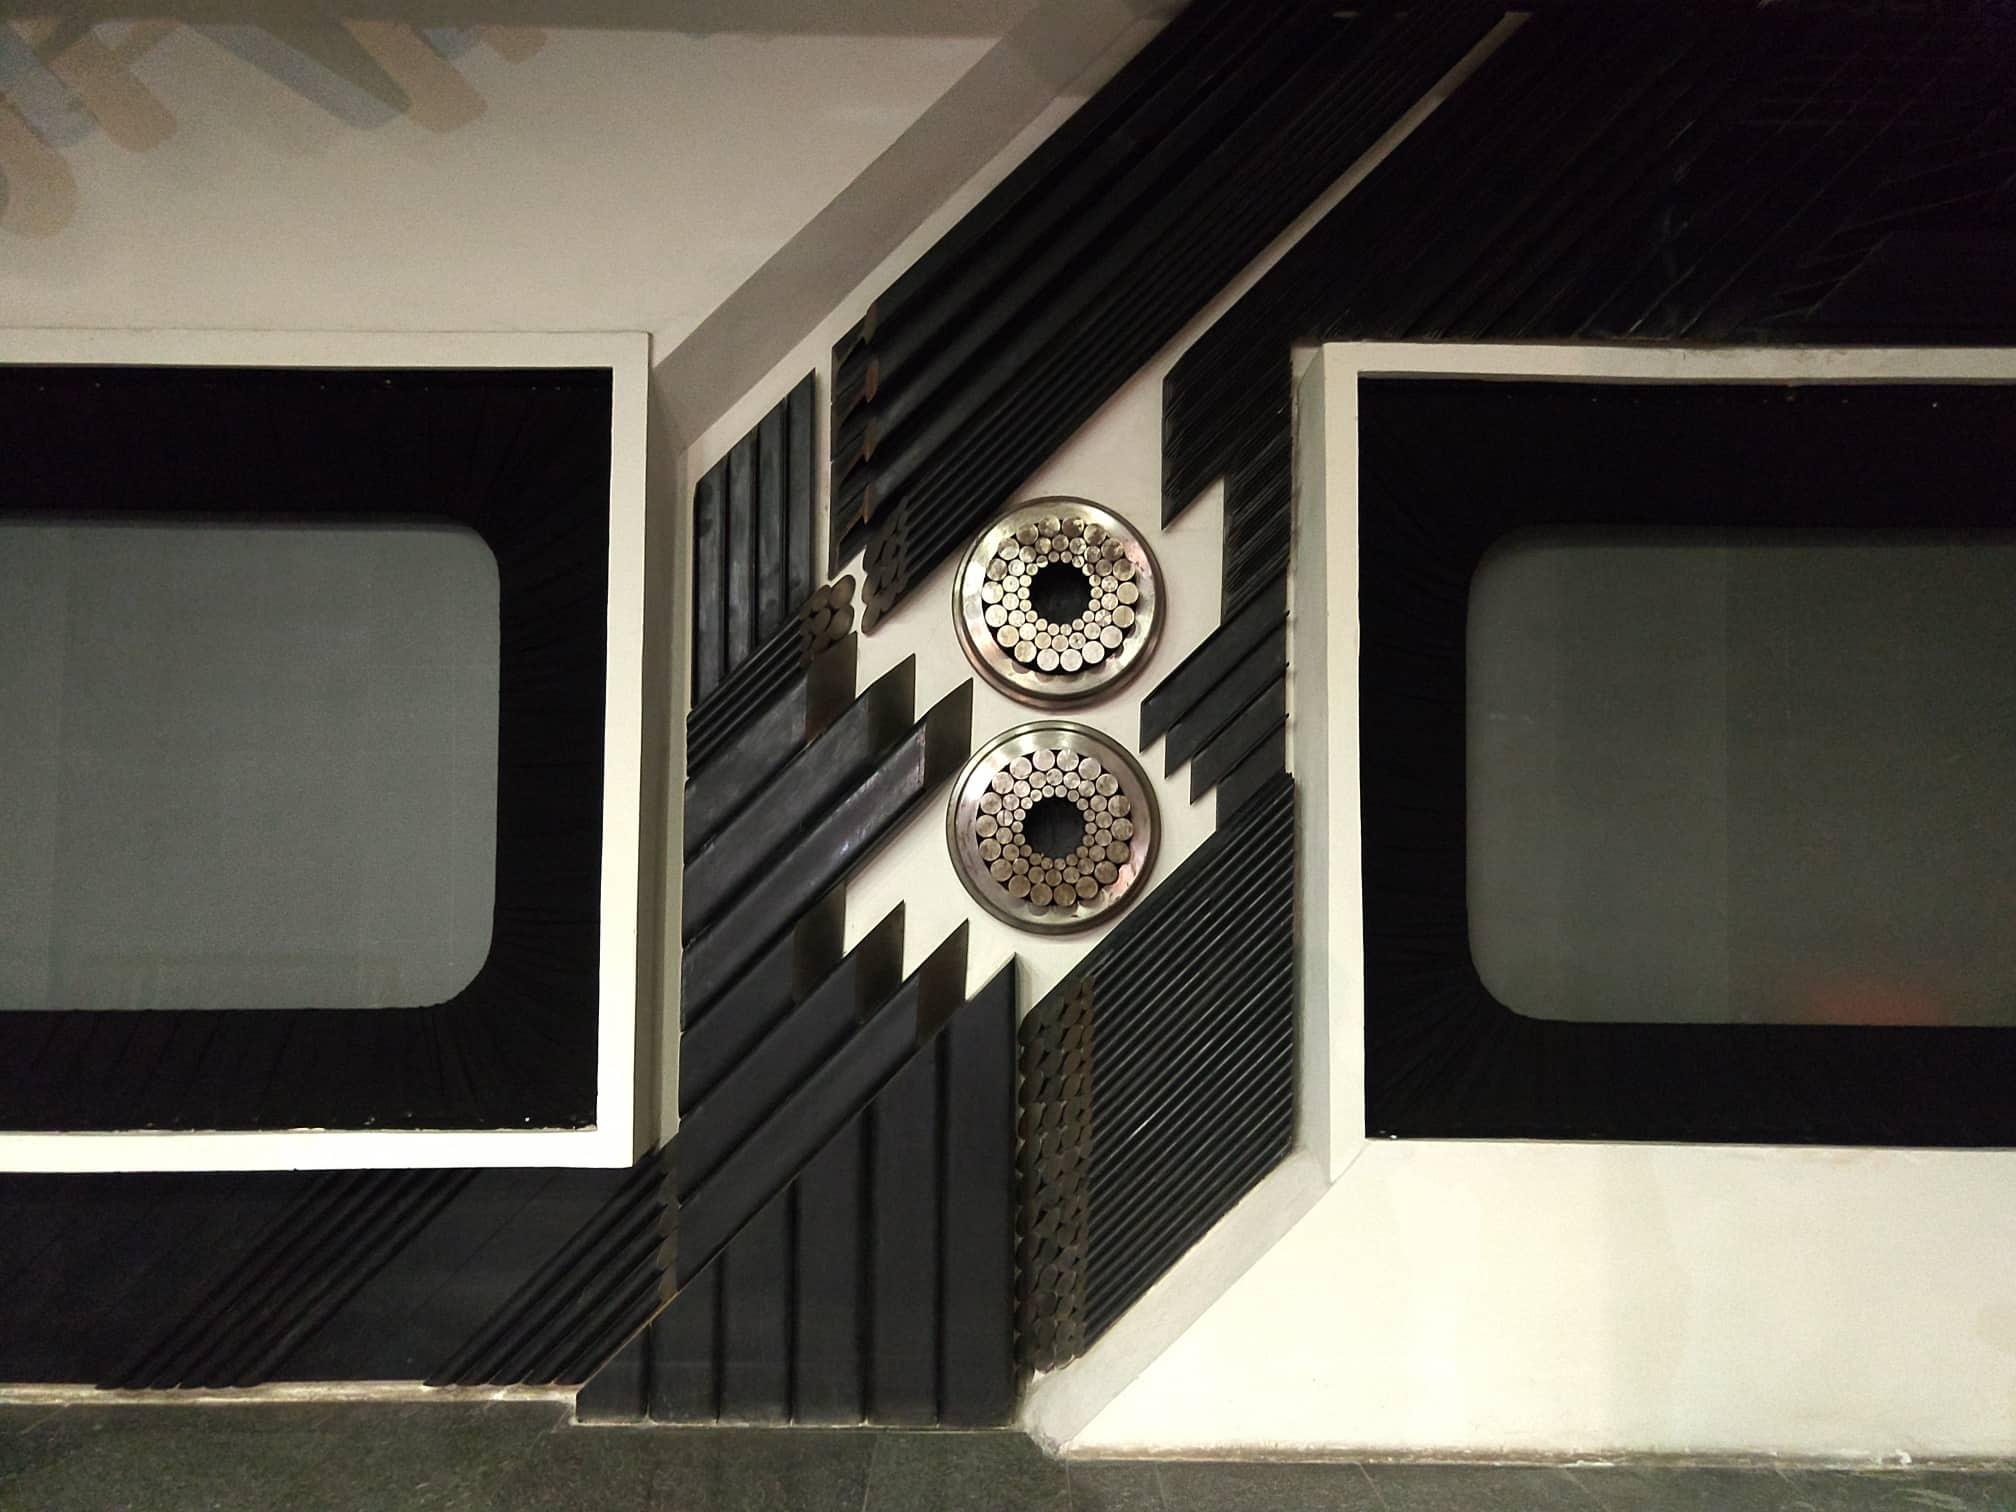 Декоратичне панно із металу та екрани, на яких демонстувалися кадри плівки в інтер'єрі музею. Світлина: Таня Журій